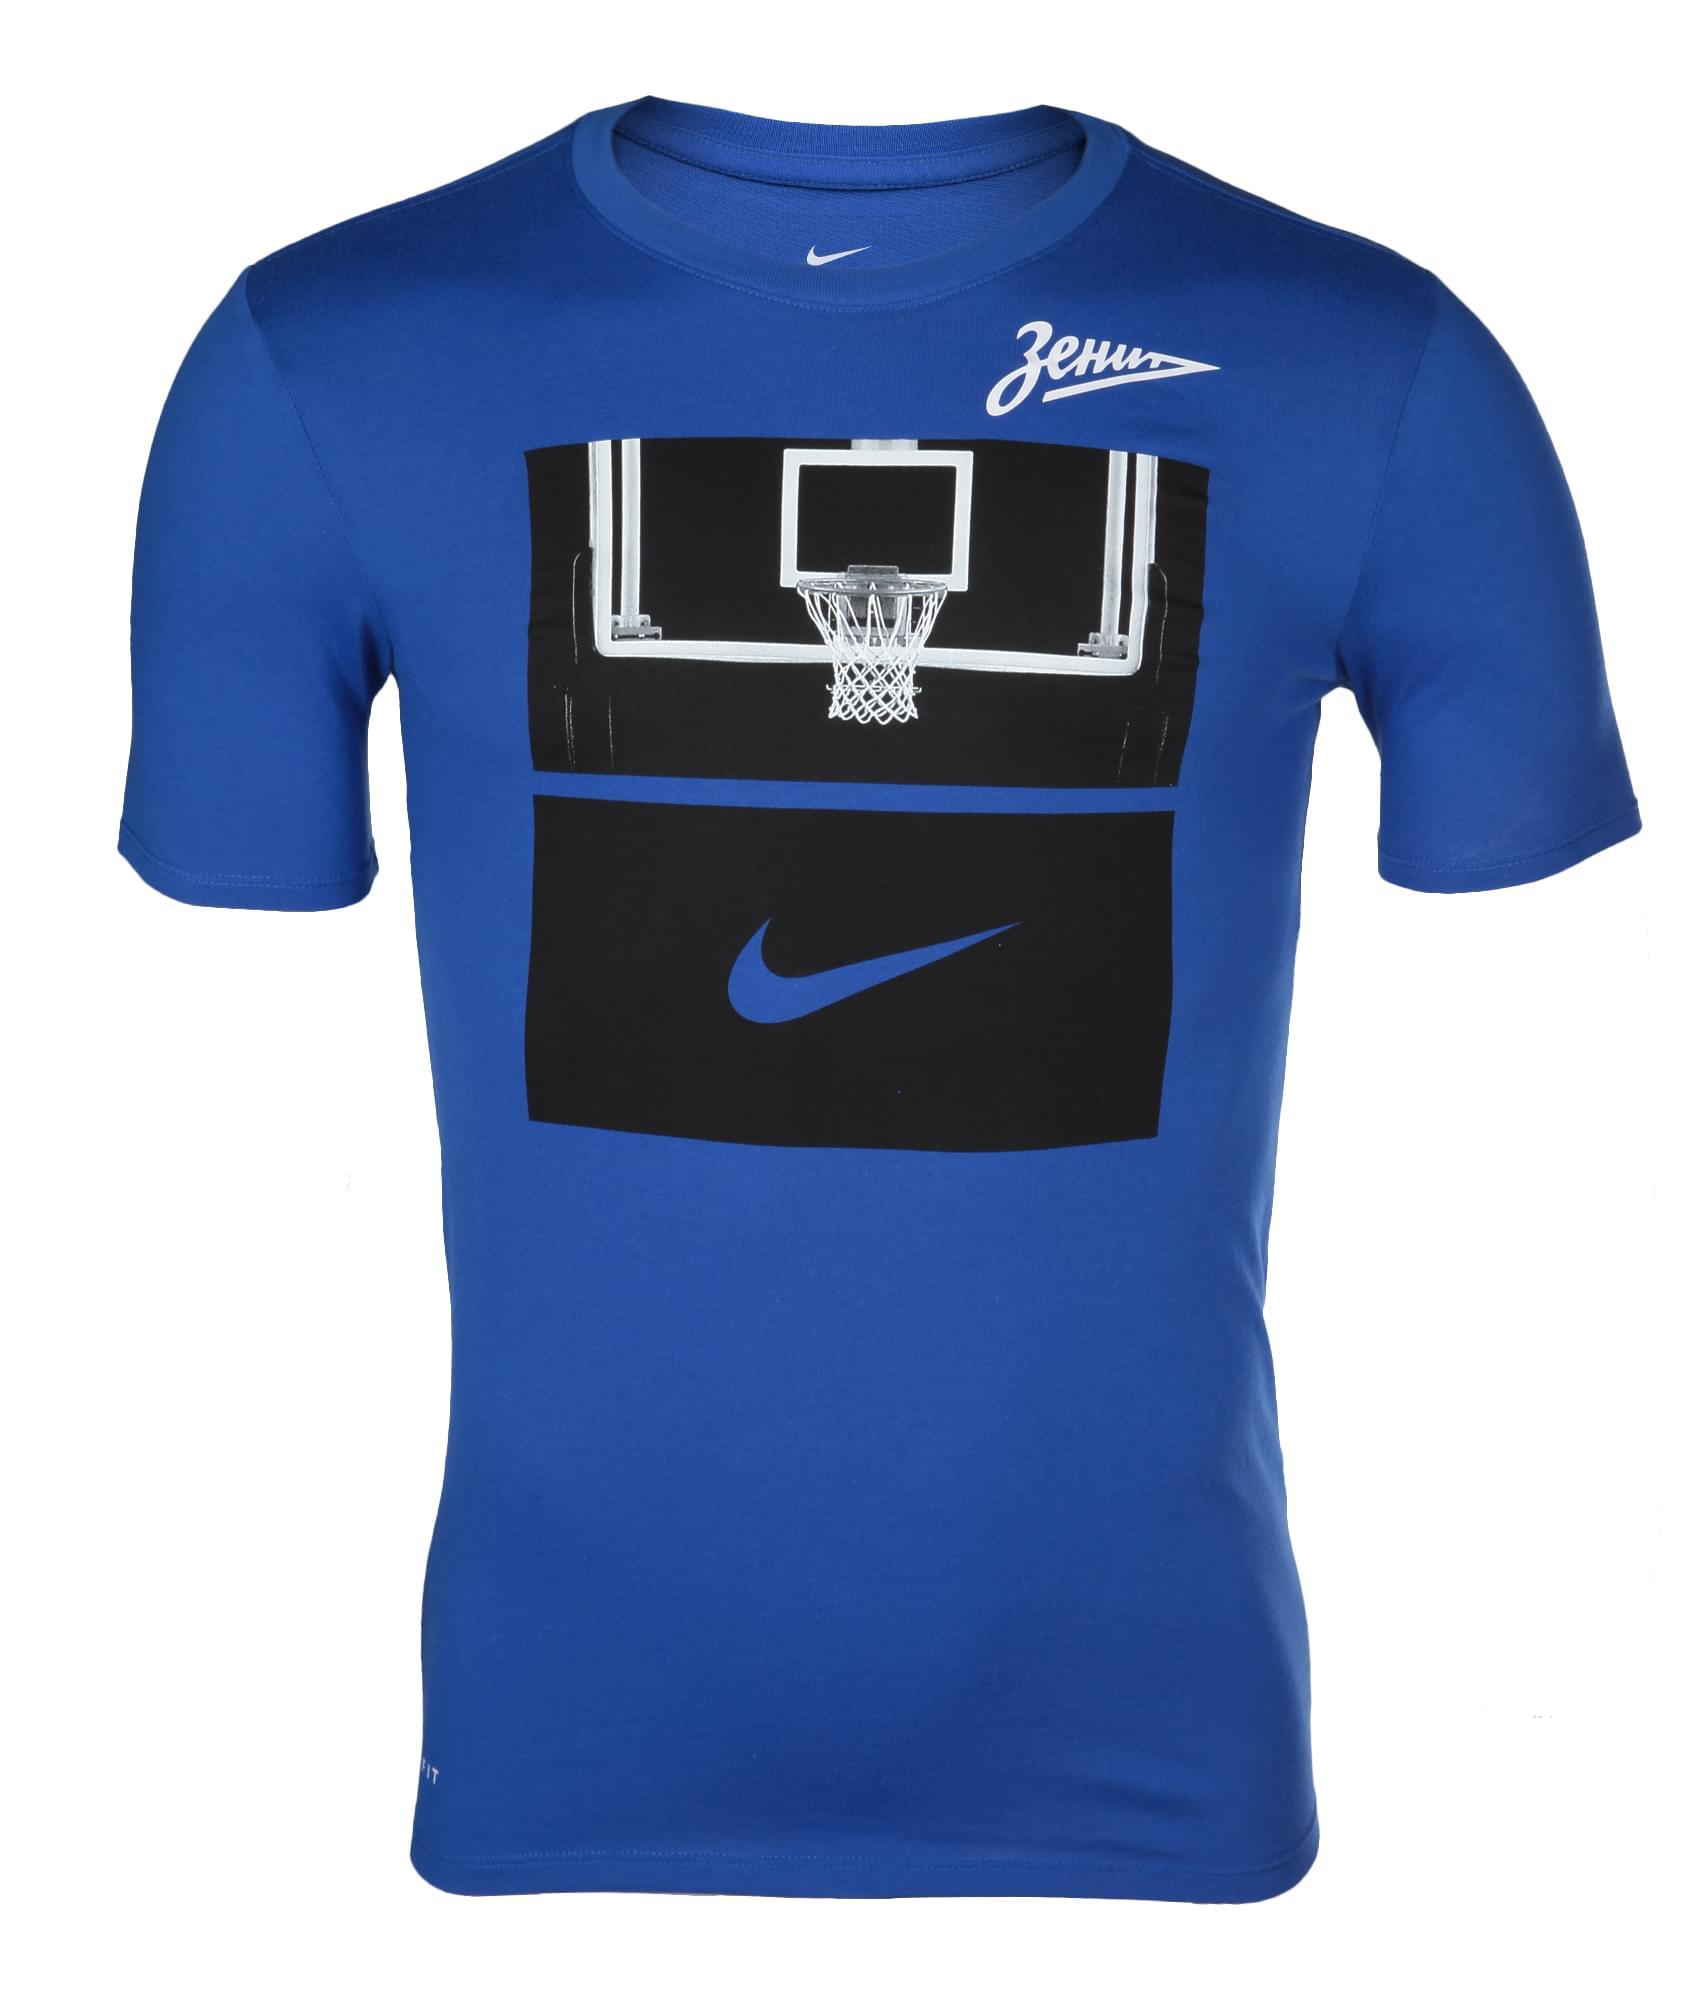 Футболка БК «Зенит» Nike Цвет-Синий